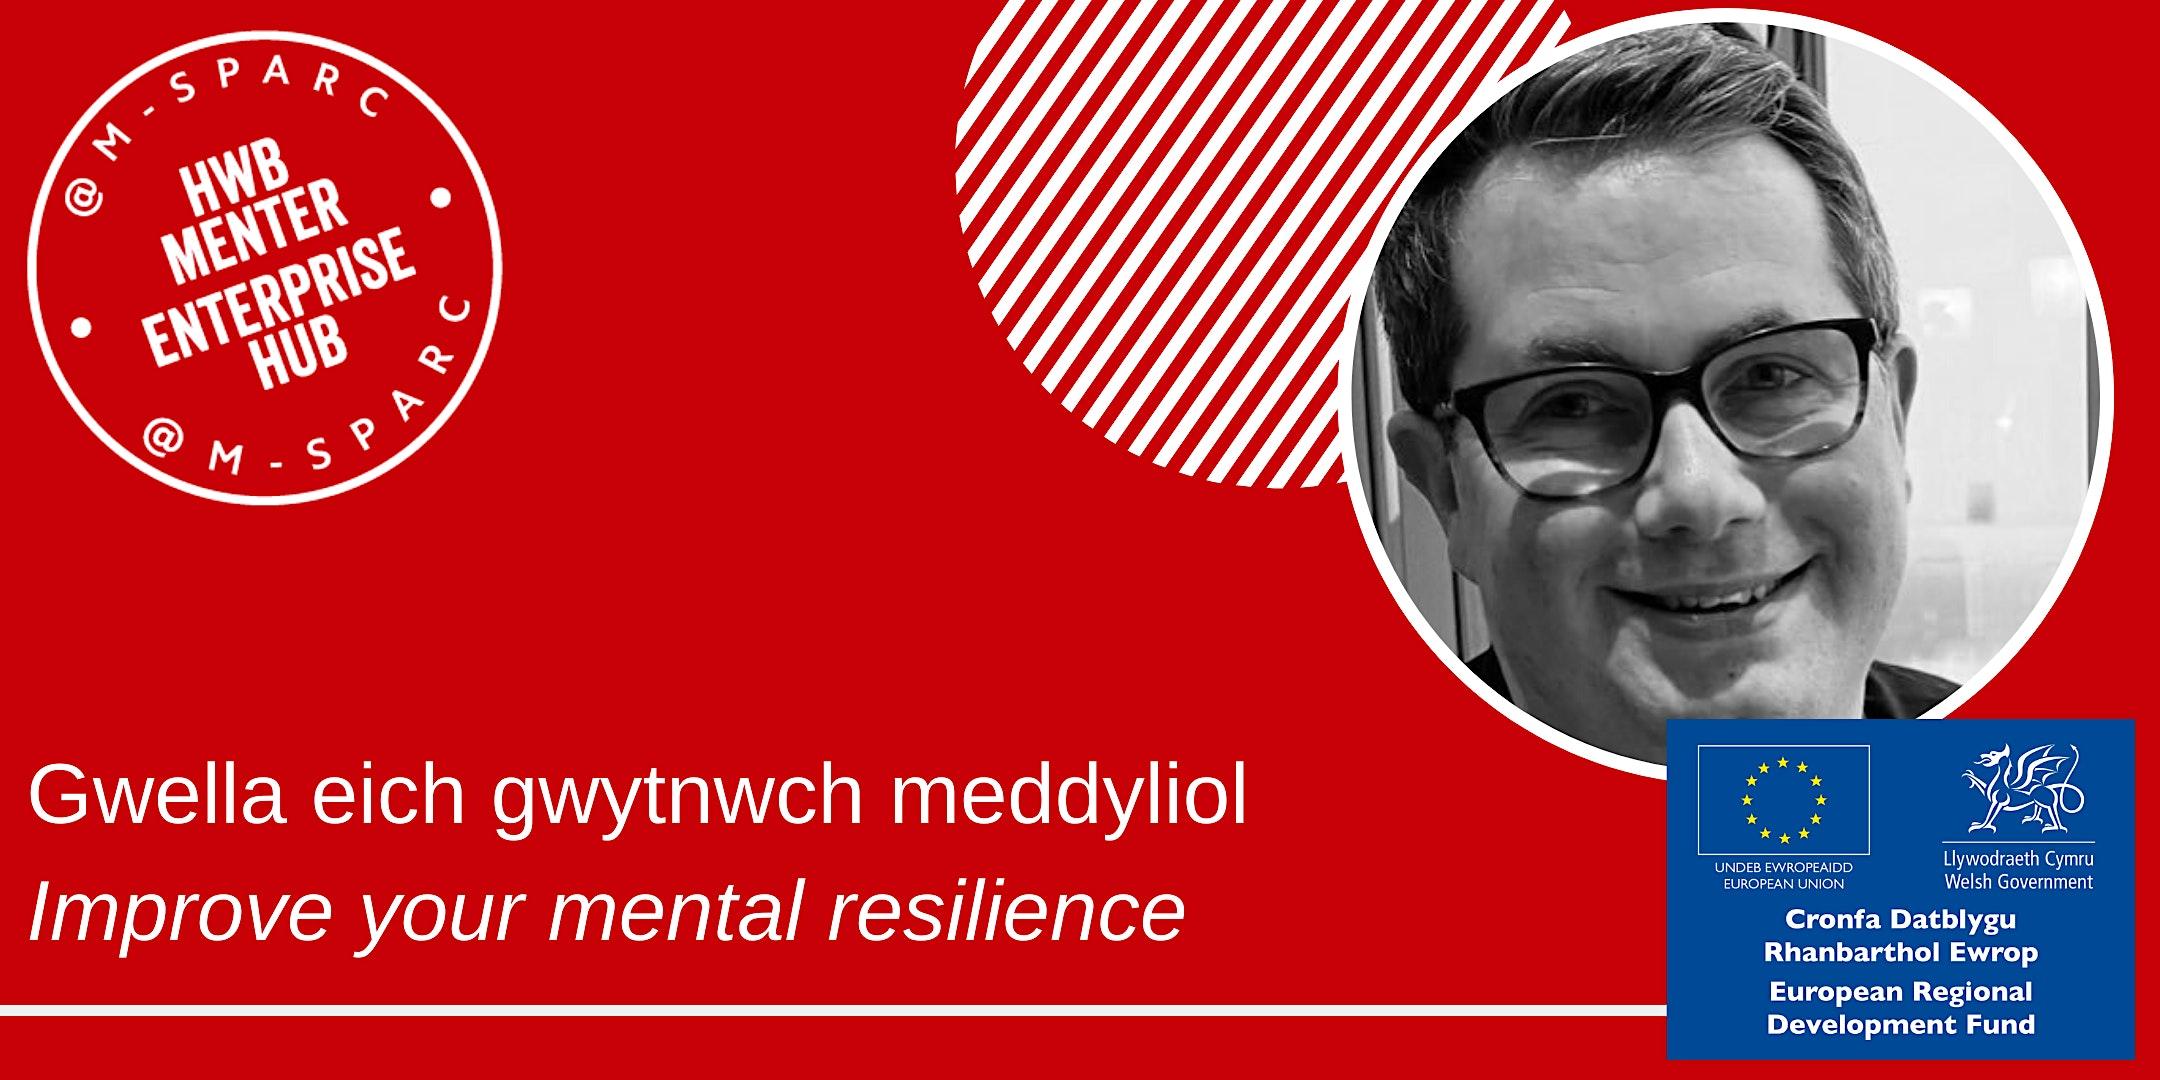 Gwella eich gwytnwch meddyliol / Improve your mental resilience